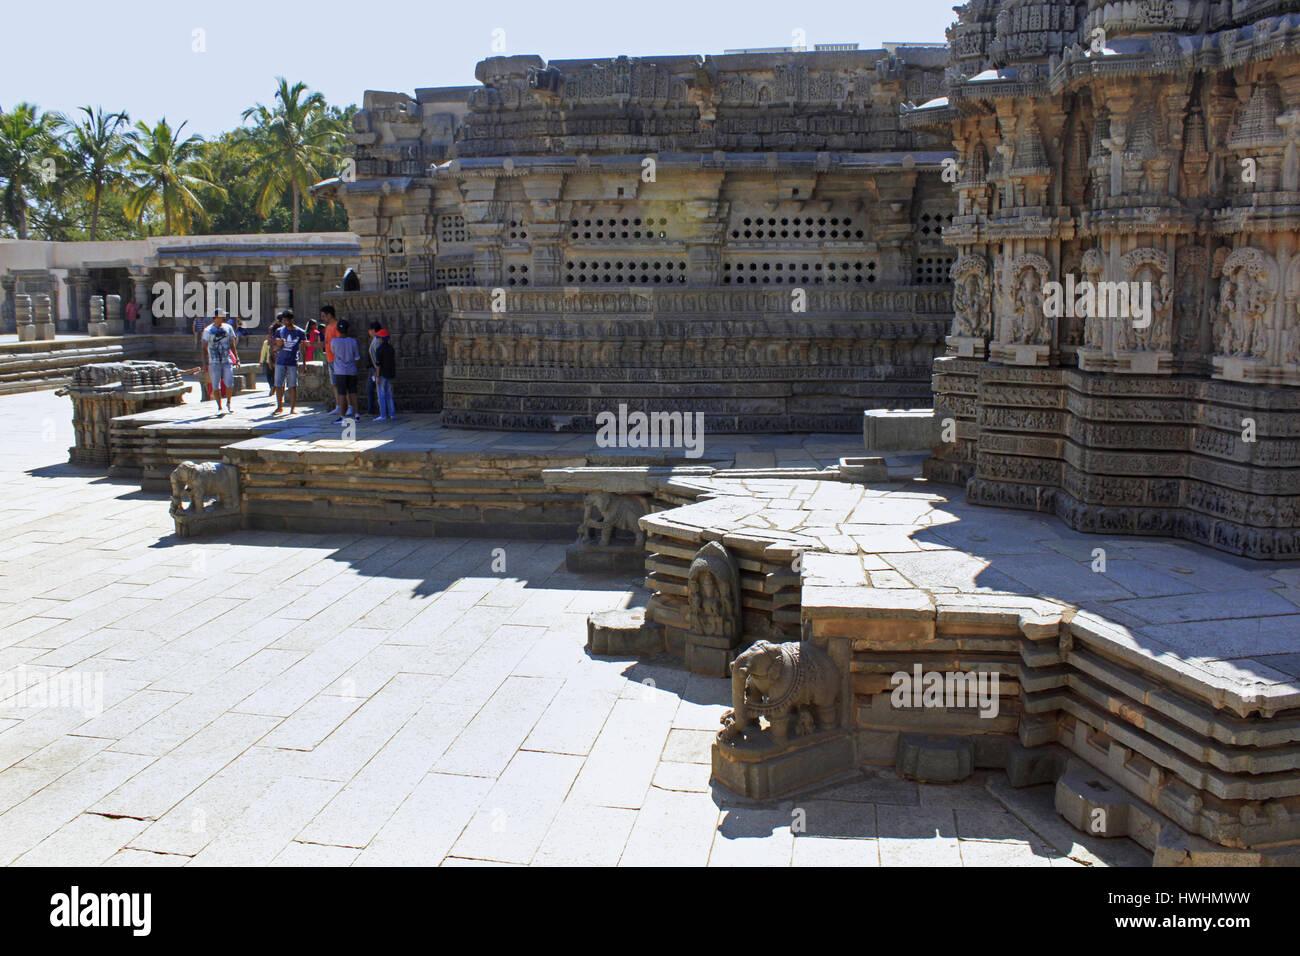 Alivio de la pared, perforado windows y friso de moldeo, santuario wall siguiente plan estrellado y pradakshina-patha también se levanta sobre un pedestal en forma de estrella moldeada Foto de stock